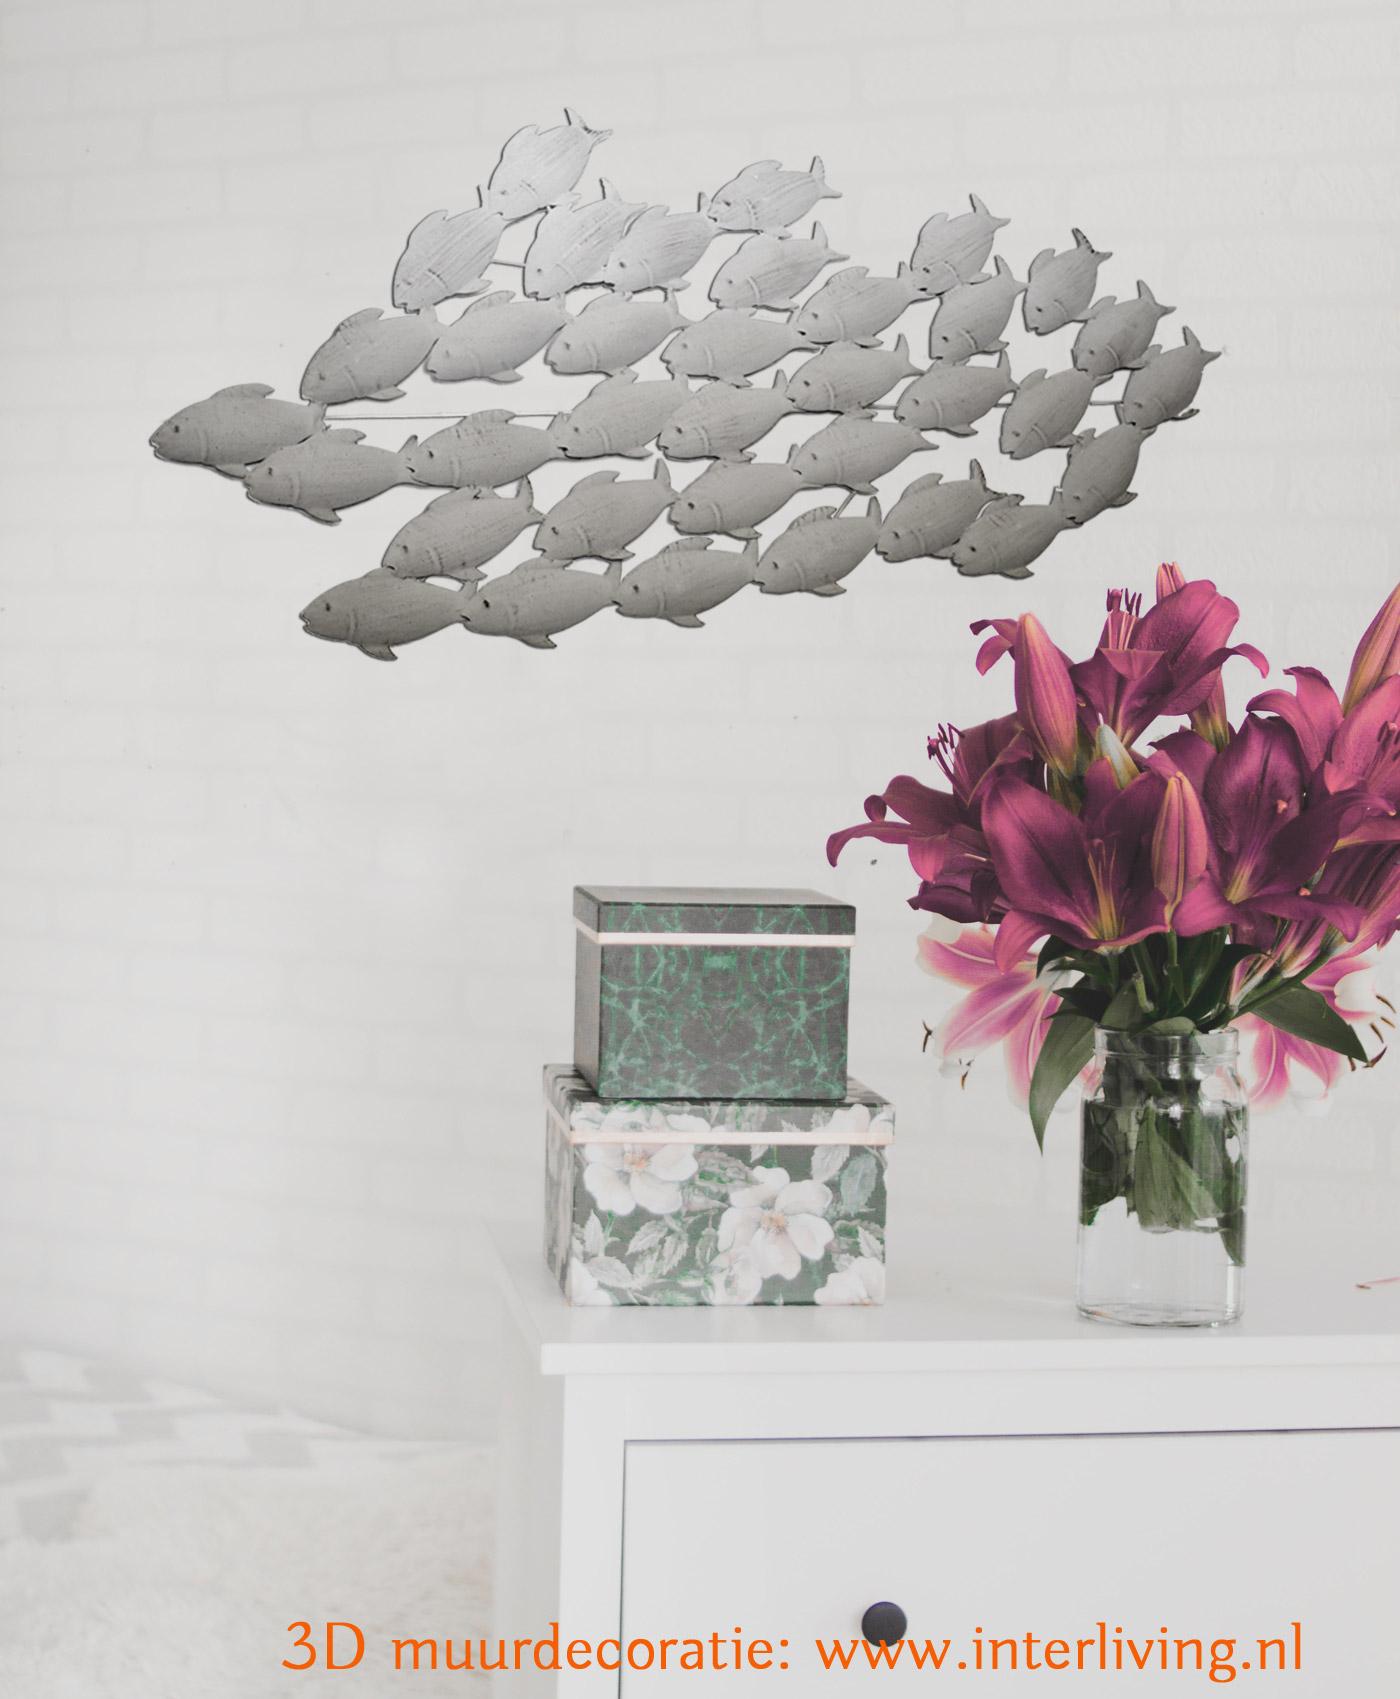 Stijlvolle wanddecoratie voor een gezellig entree in de hal - 3D muurstyling van metaal